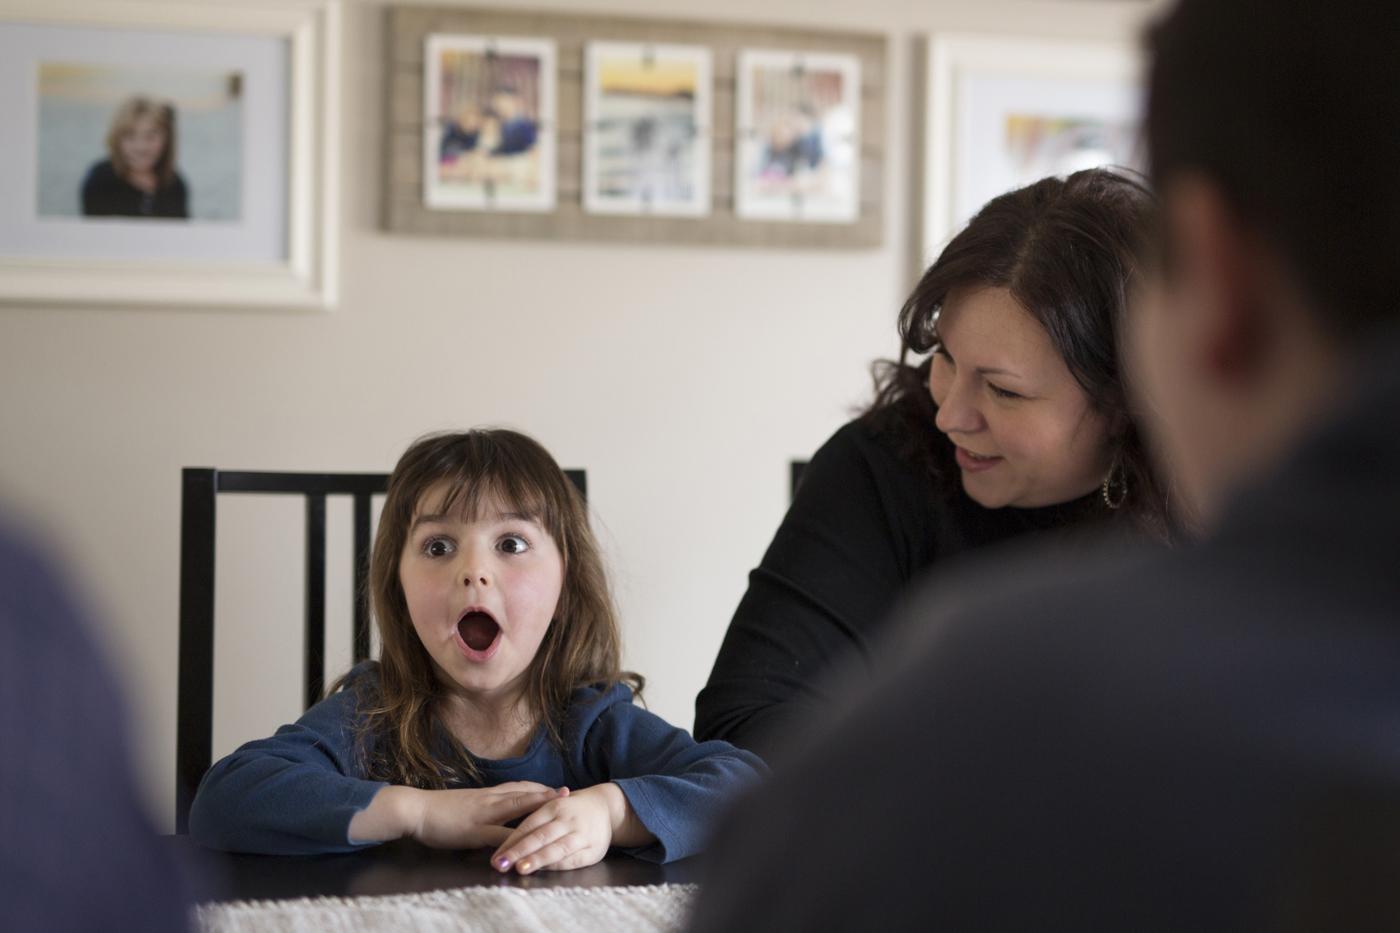 Violet is surprised